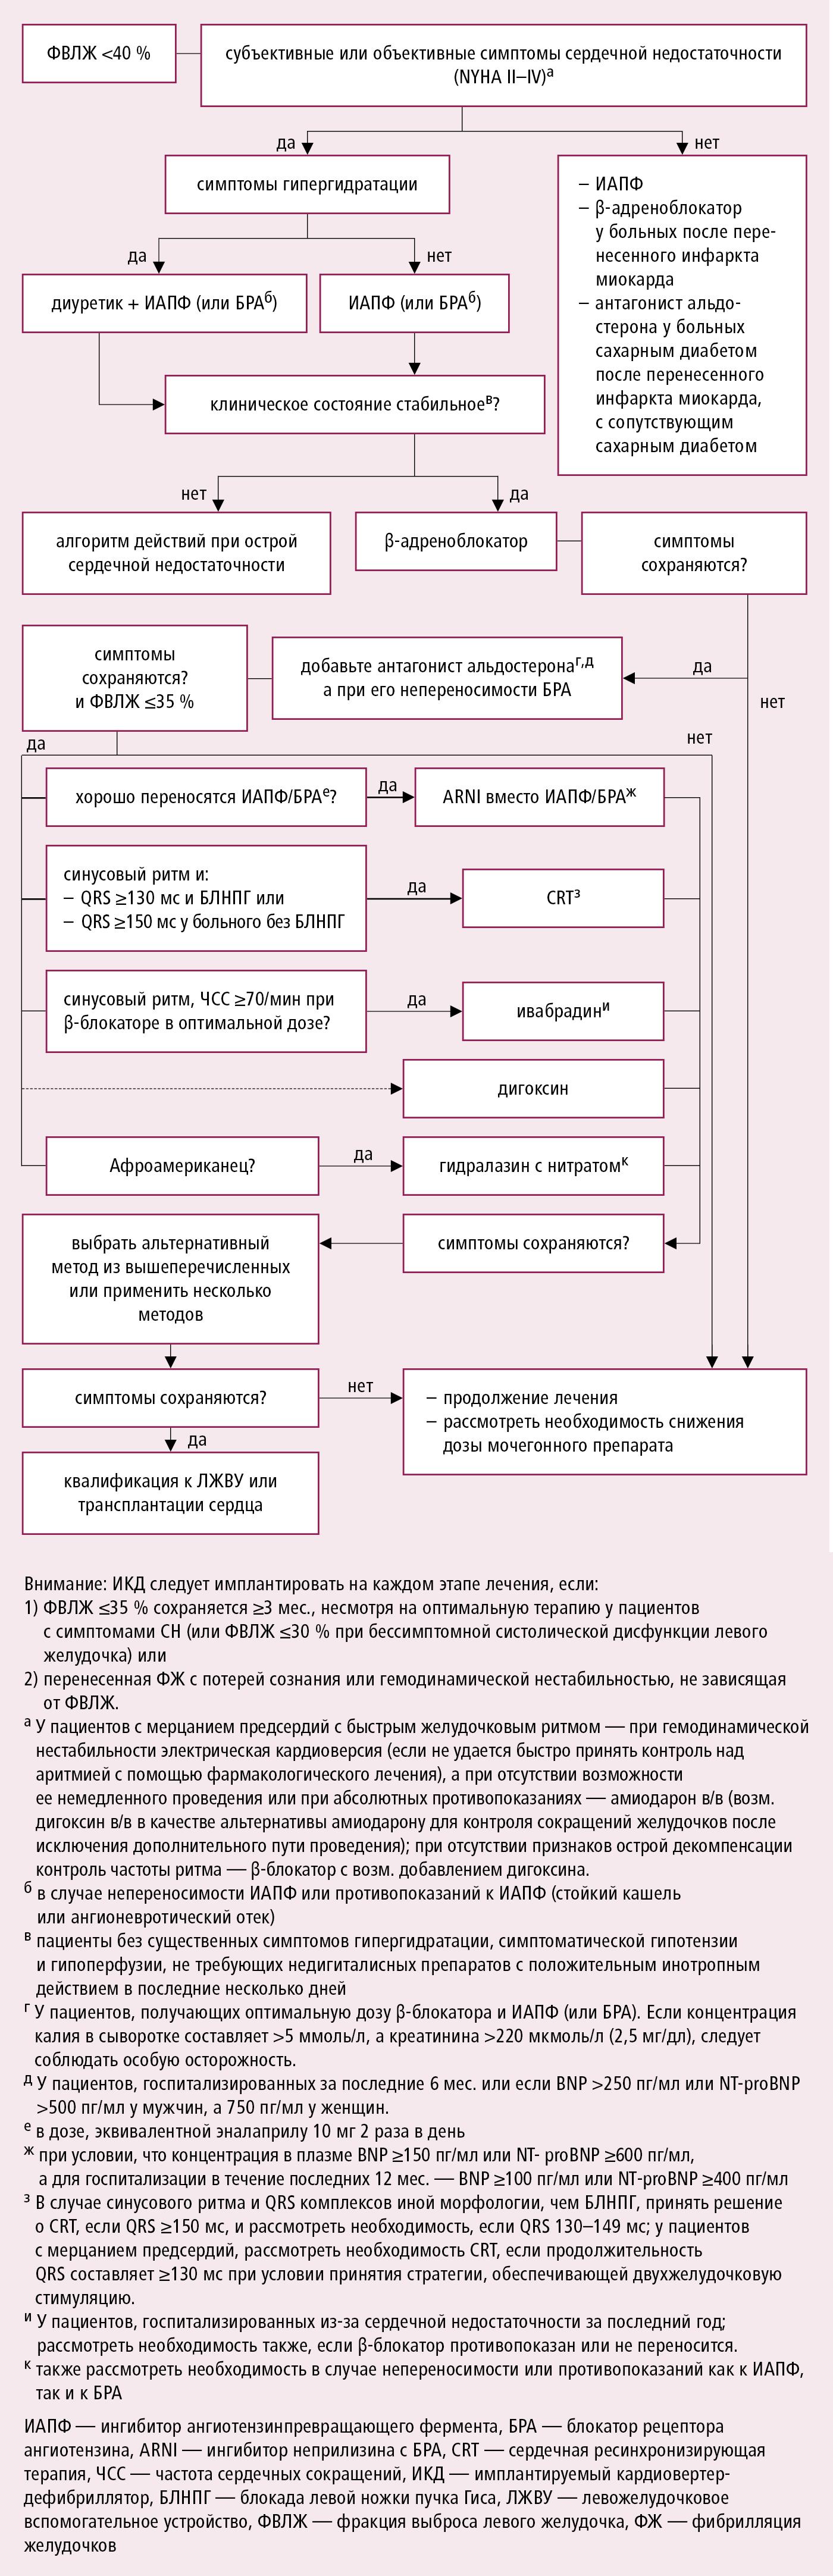 Алгоритм действий при ХСН со сниженной ФВЛЖ (согласно рекомендациям ESC 2016 и рекомендациям ACCF и AHA 2013 и 2016, модифицировано)